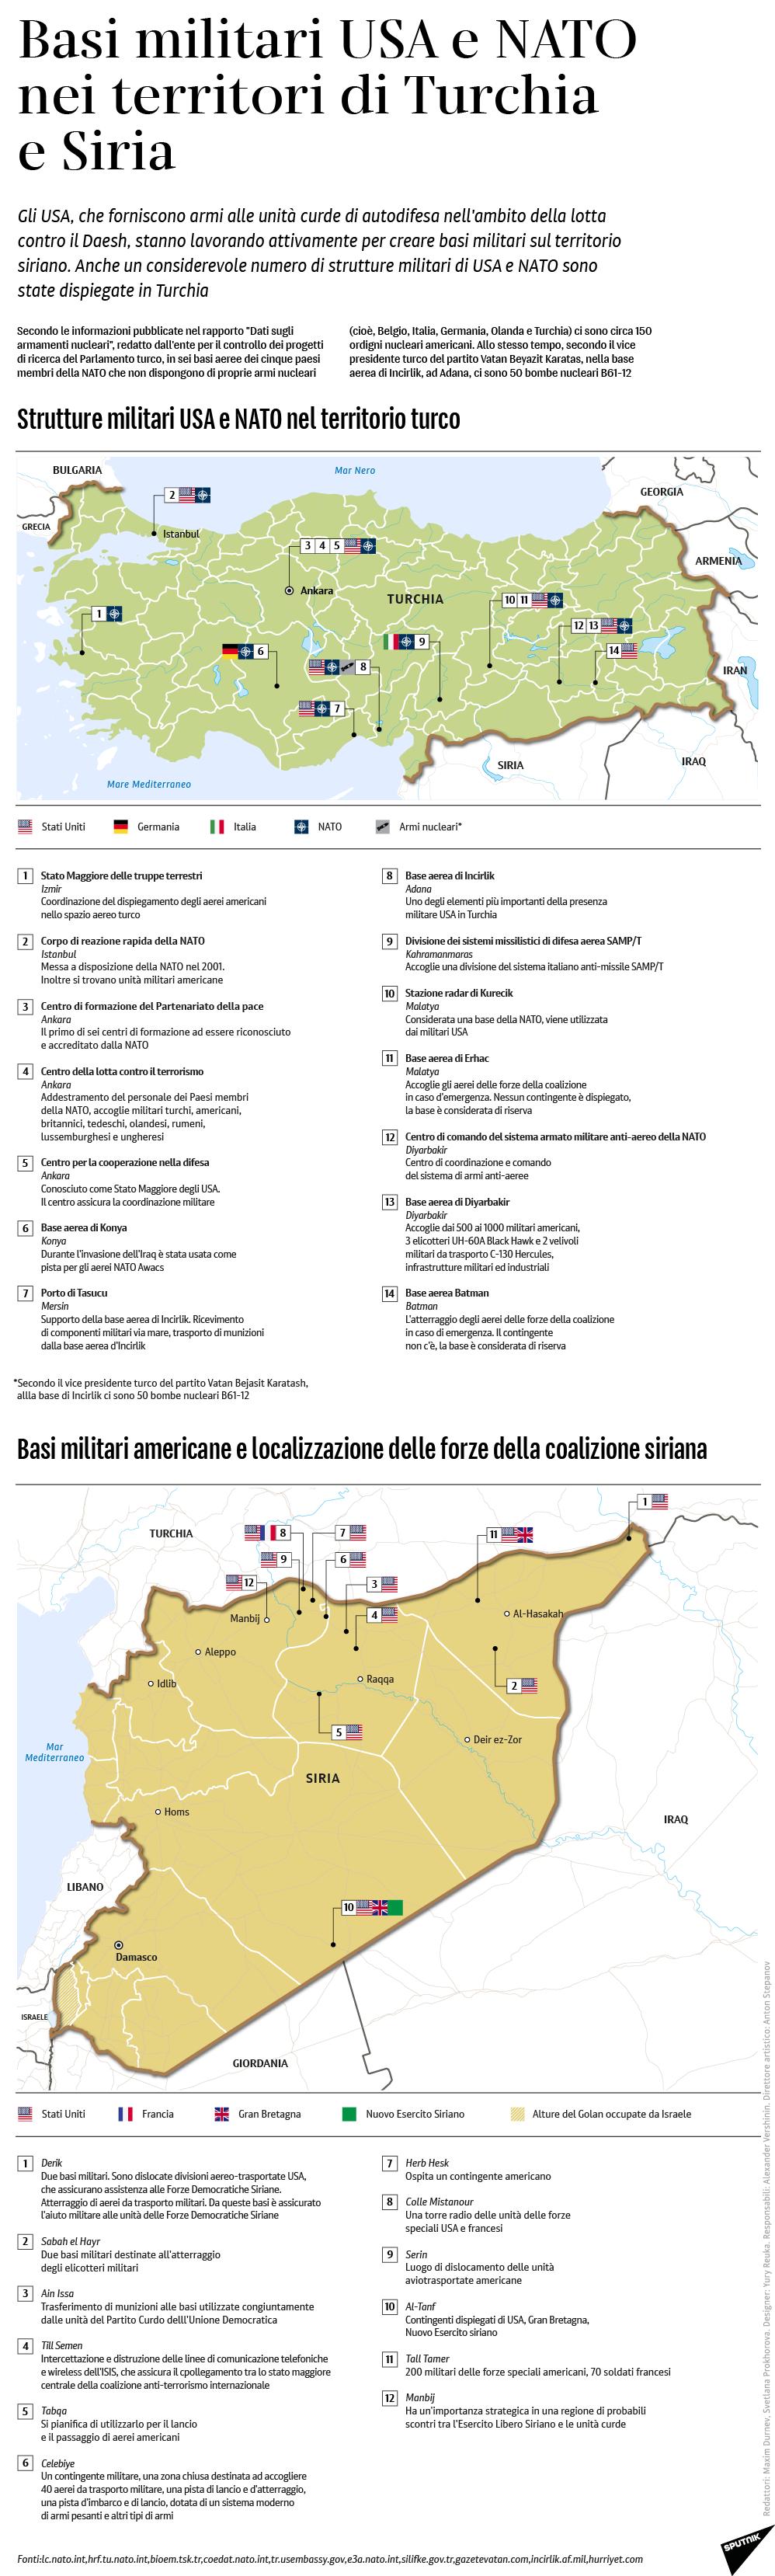 Basi militari USA e NATO nei territori di Turchia e Siria - Sputnik Italia